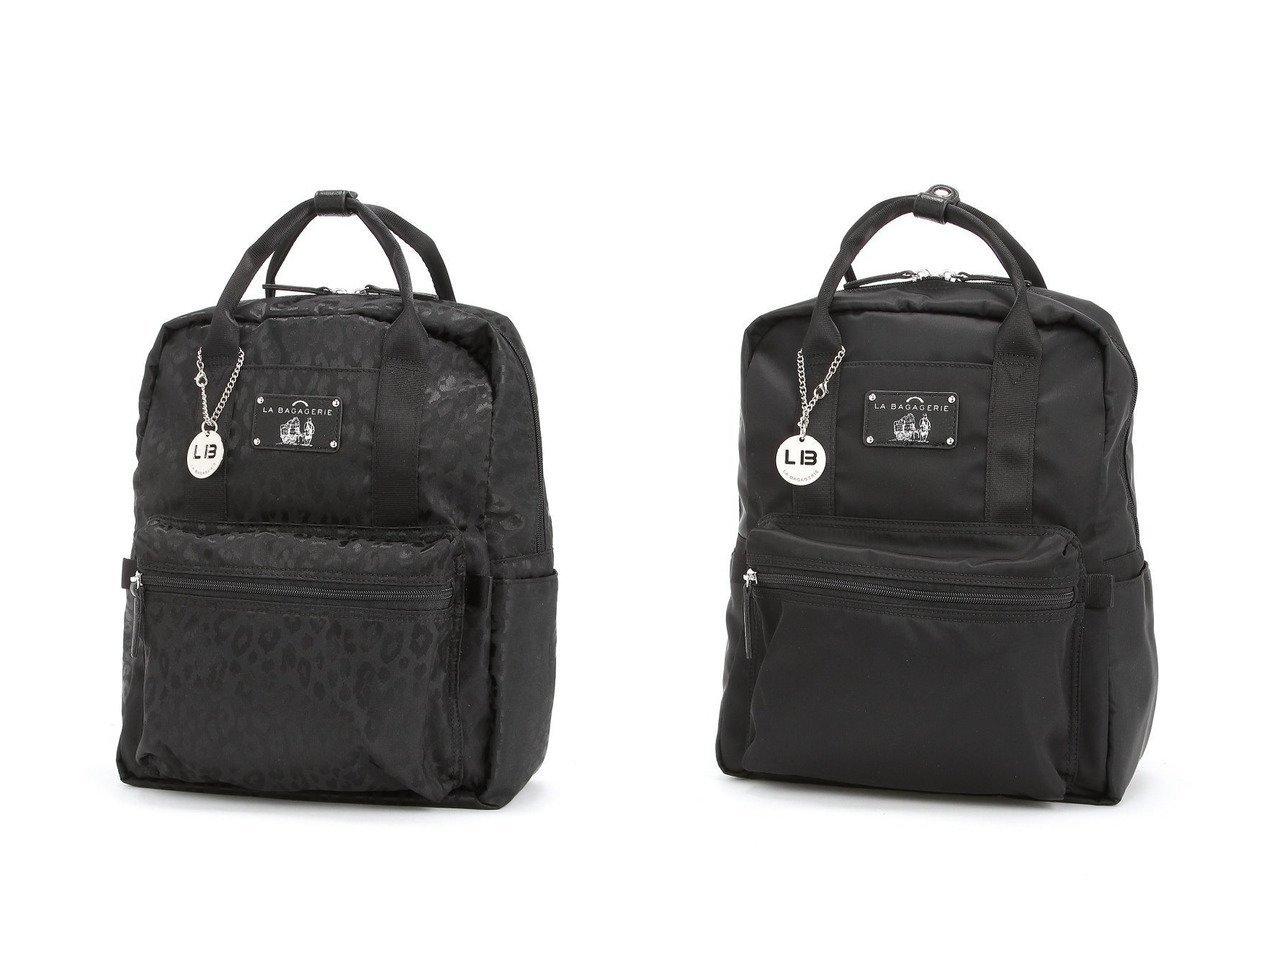 【LA BAGAGERIE/ラ バガジェリー】の10ポケット持ち手付きリュック 【バッグ・鞄】おすすめ!人気、トレンド・レディースファッションの通販 | レディースファッション・服の通販 founy(ファニー)